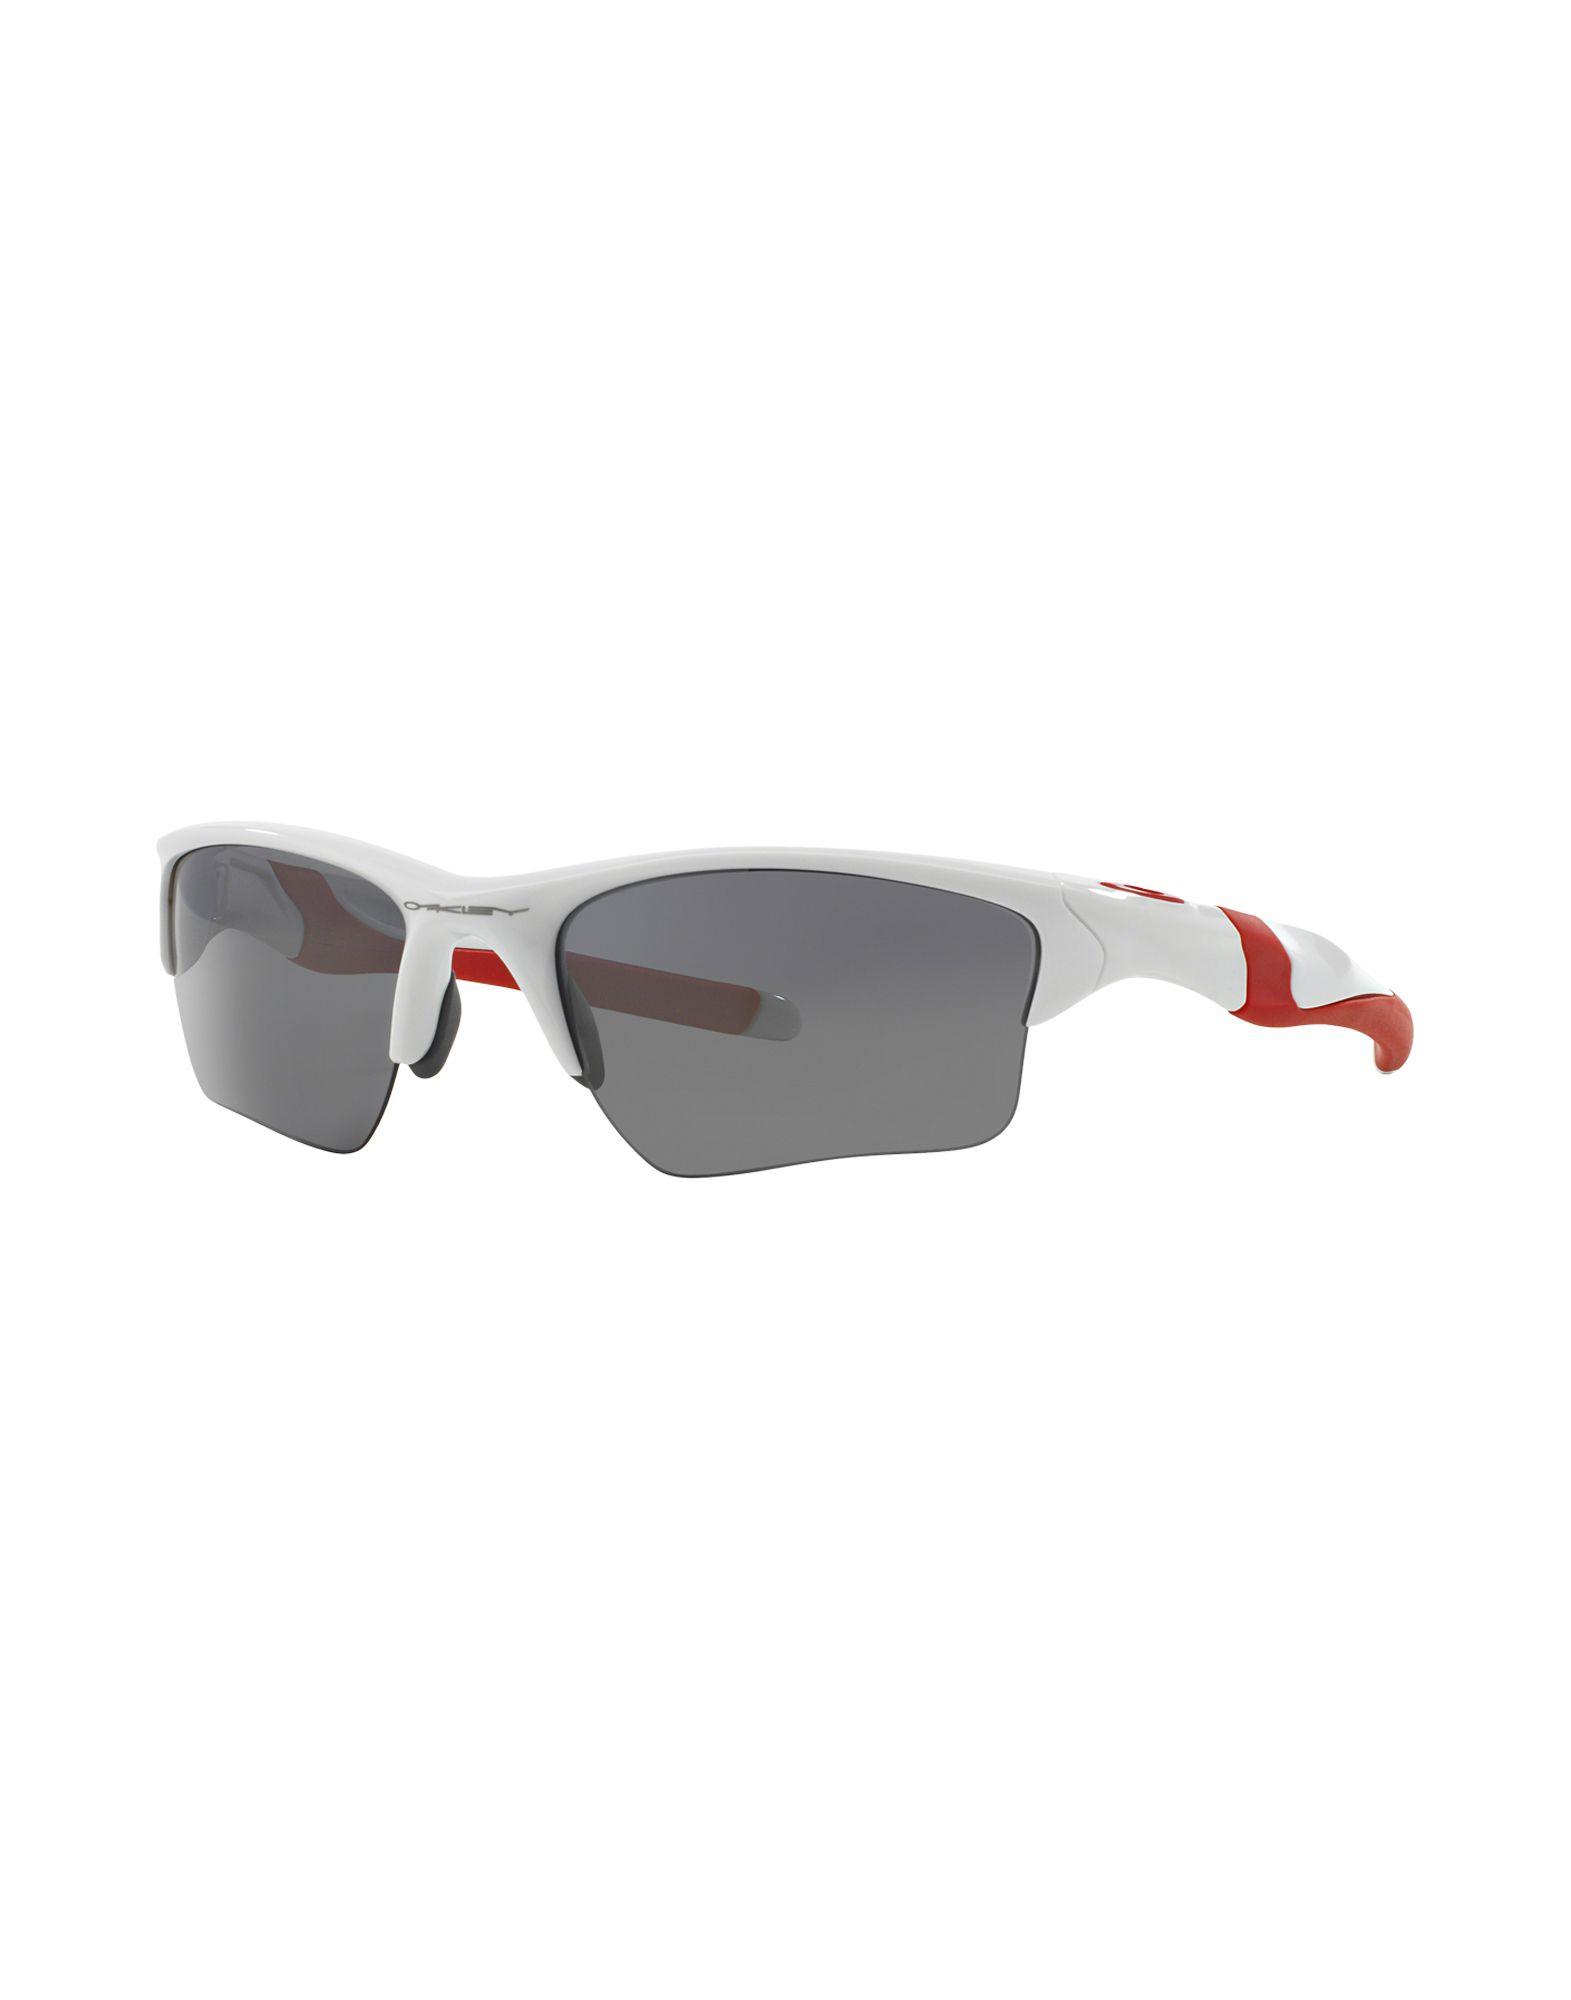 c749f3b992d Mens Oakley Glasses White « Heritage Malta